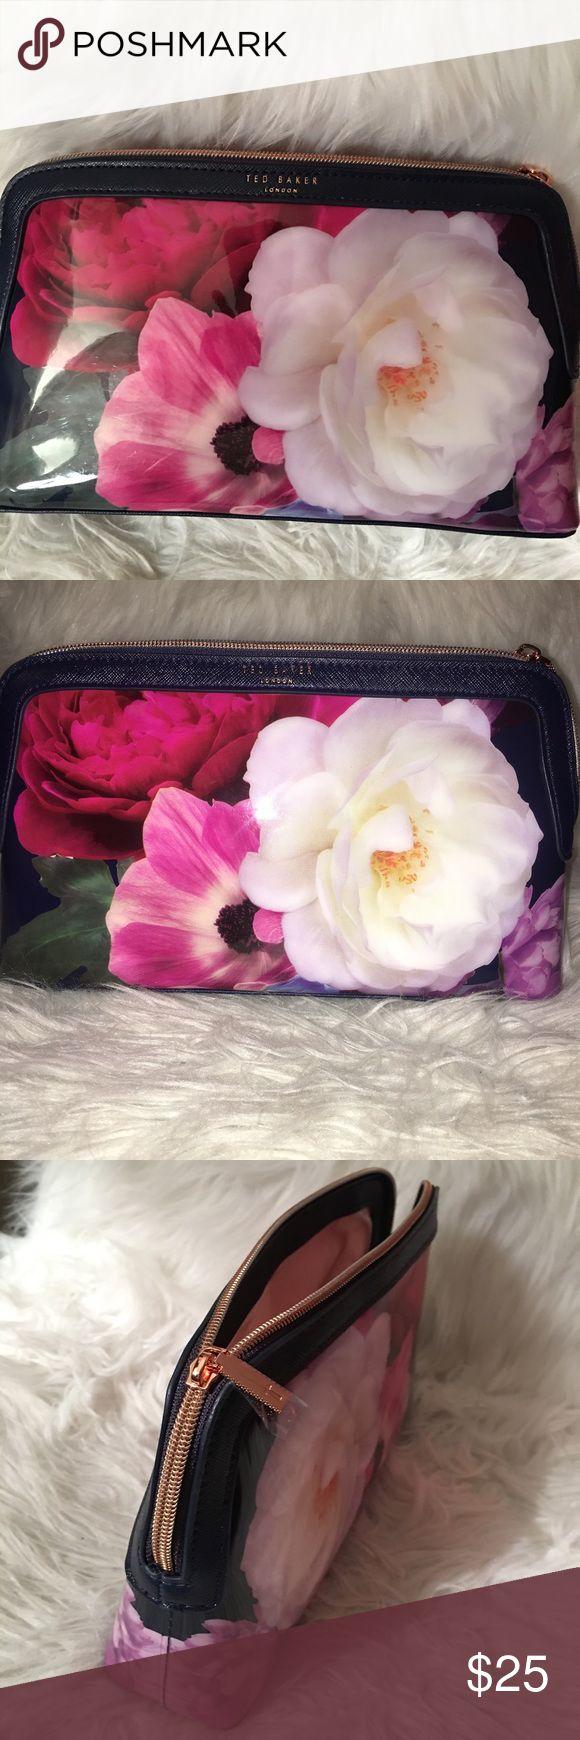 TED BAKER Make up Bag, NEW, Large TED BAKER Make up Bag, NEW, Large Ted Baker London Bags Cosmetic Bags & Cases